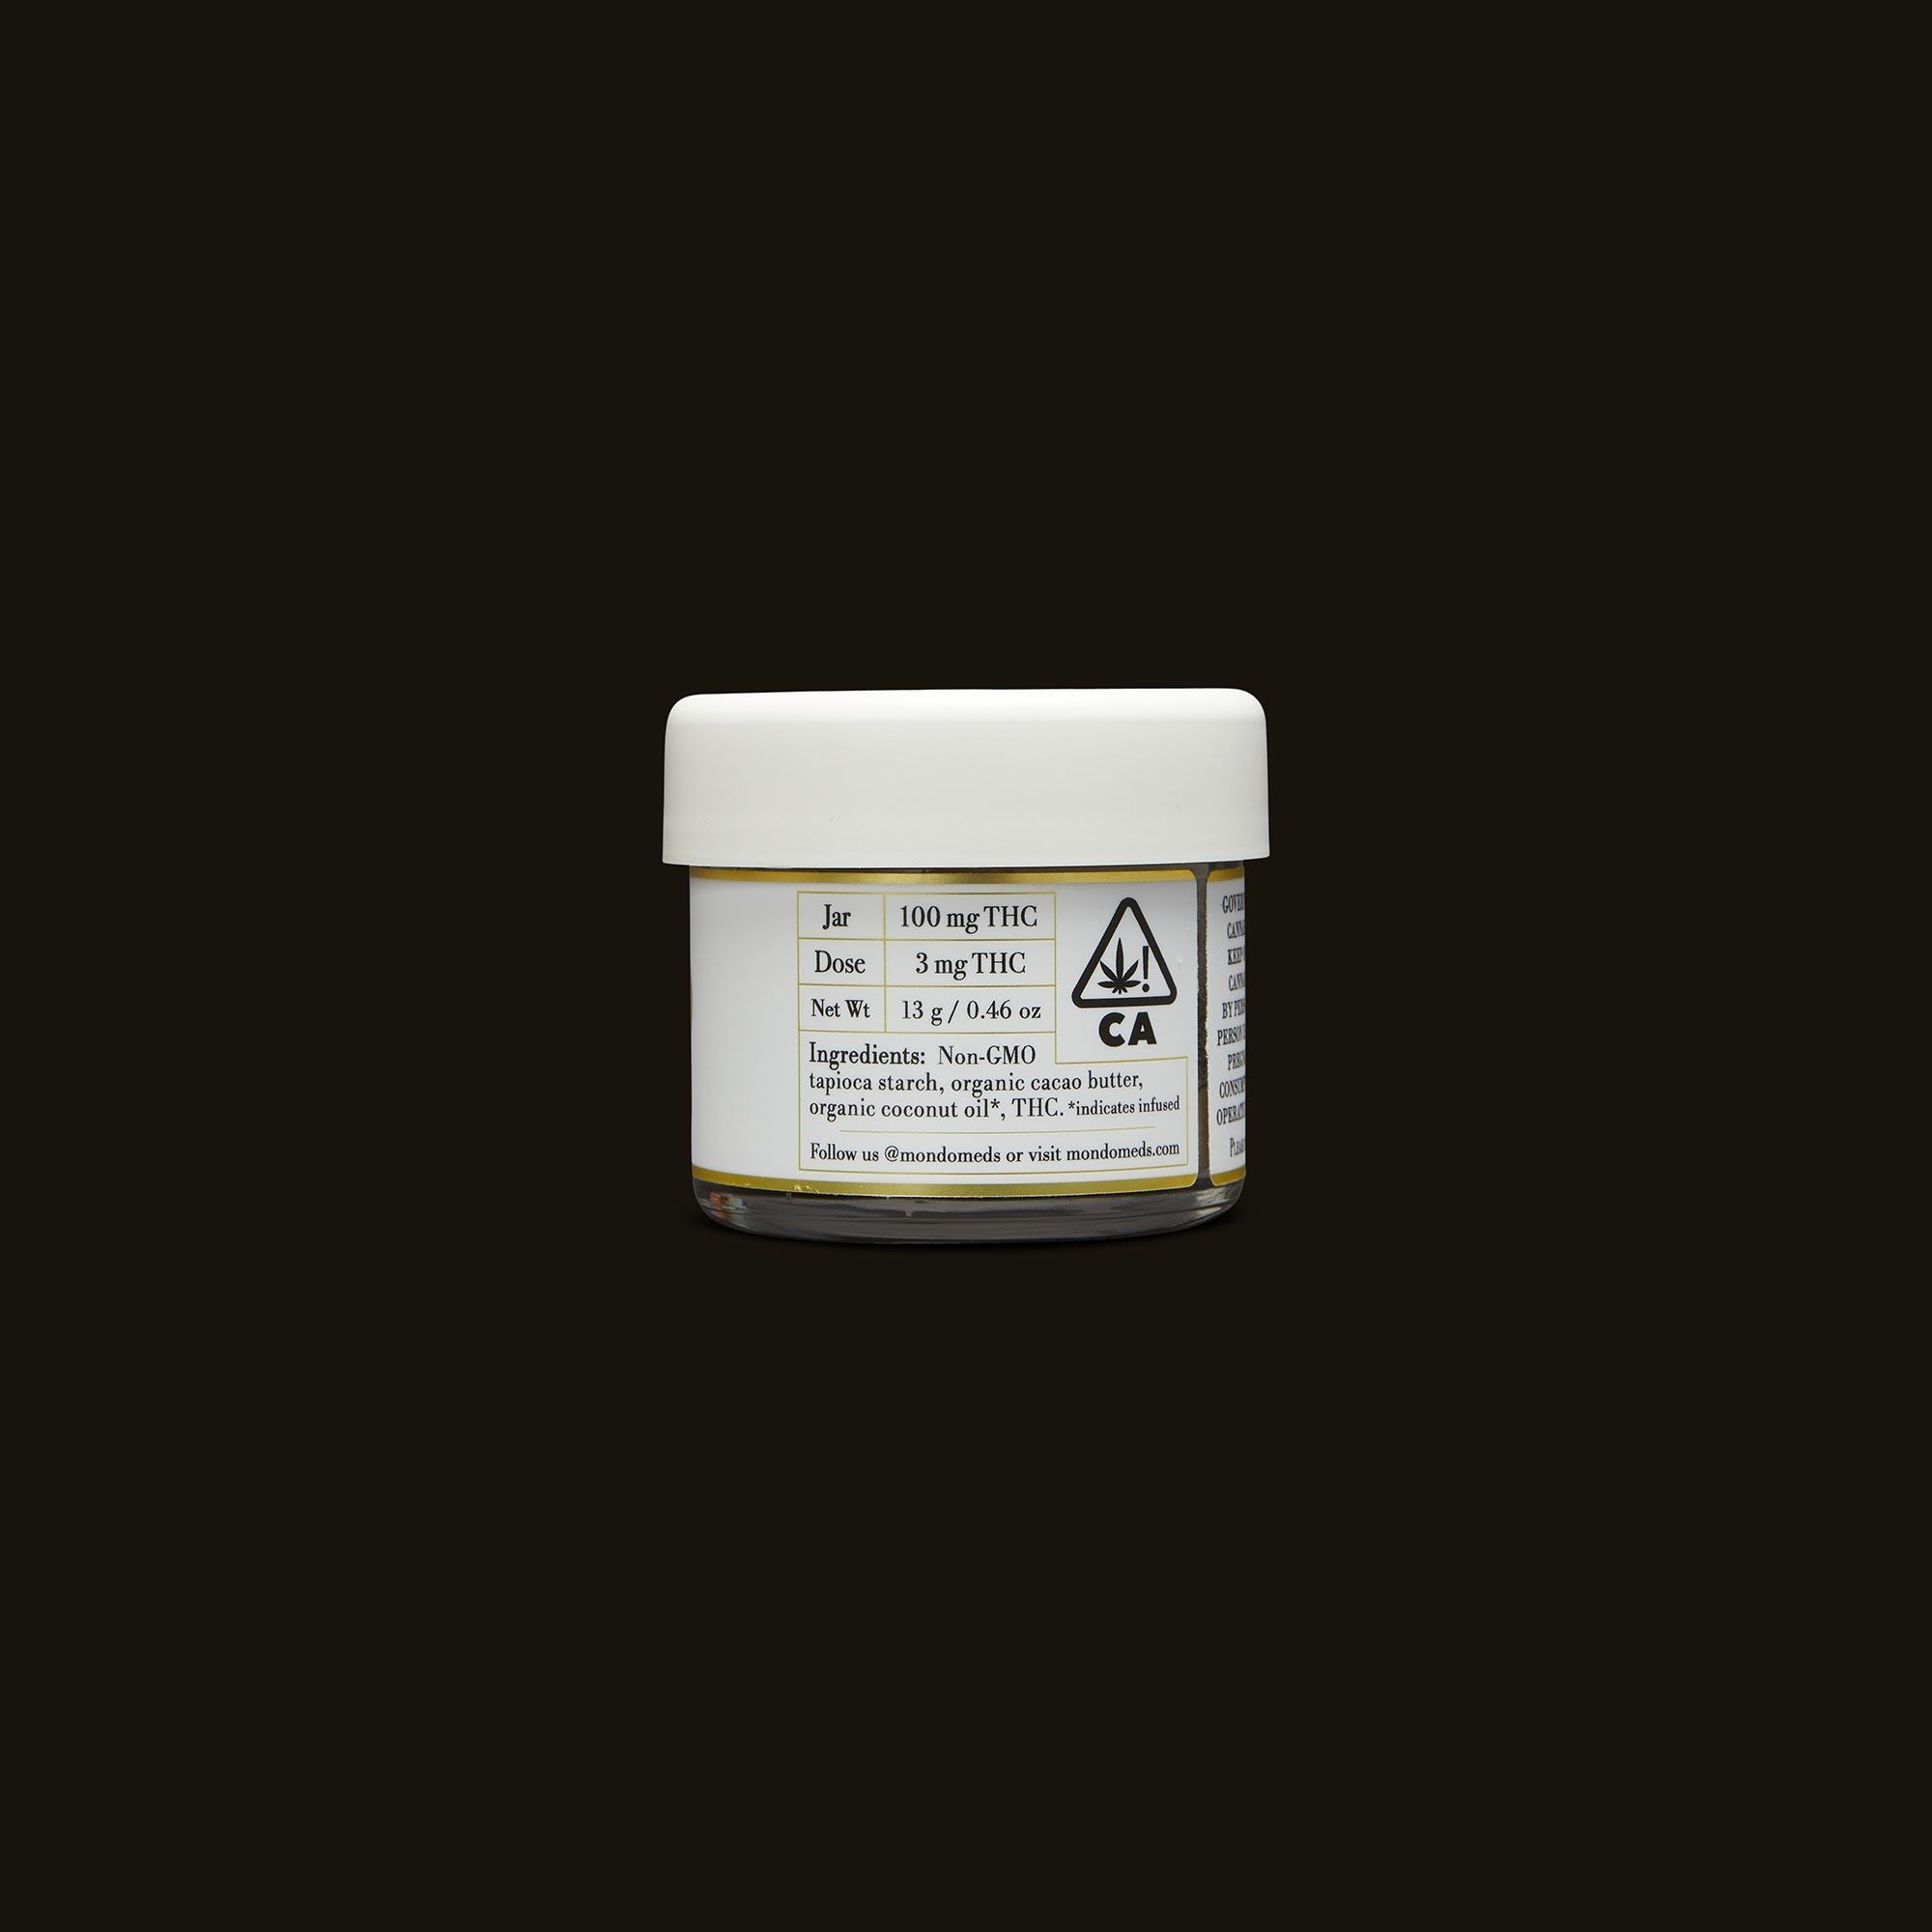 Blue Dream Edible Powder - Edible for feeling Euphoric